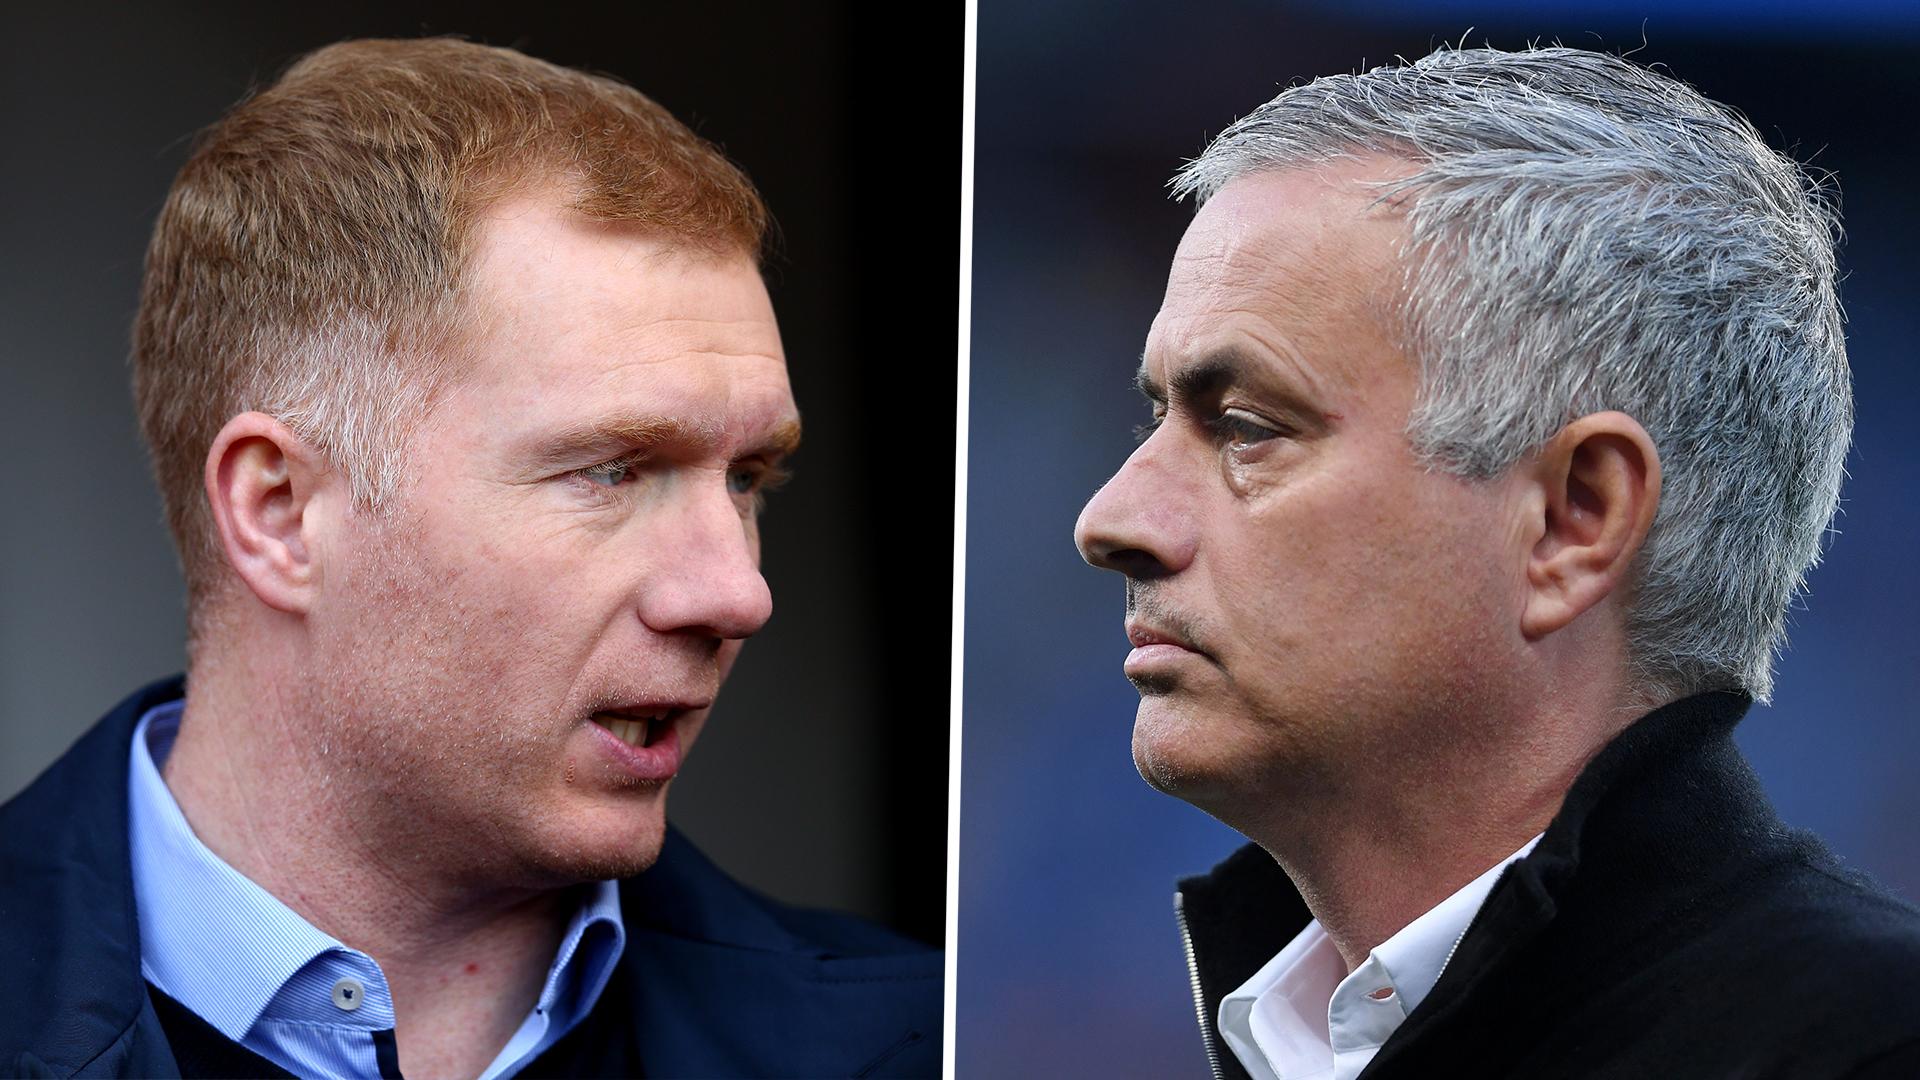 Paul Scholes and Jose Mourinho